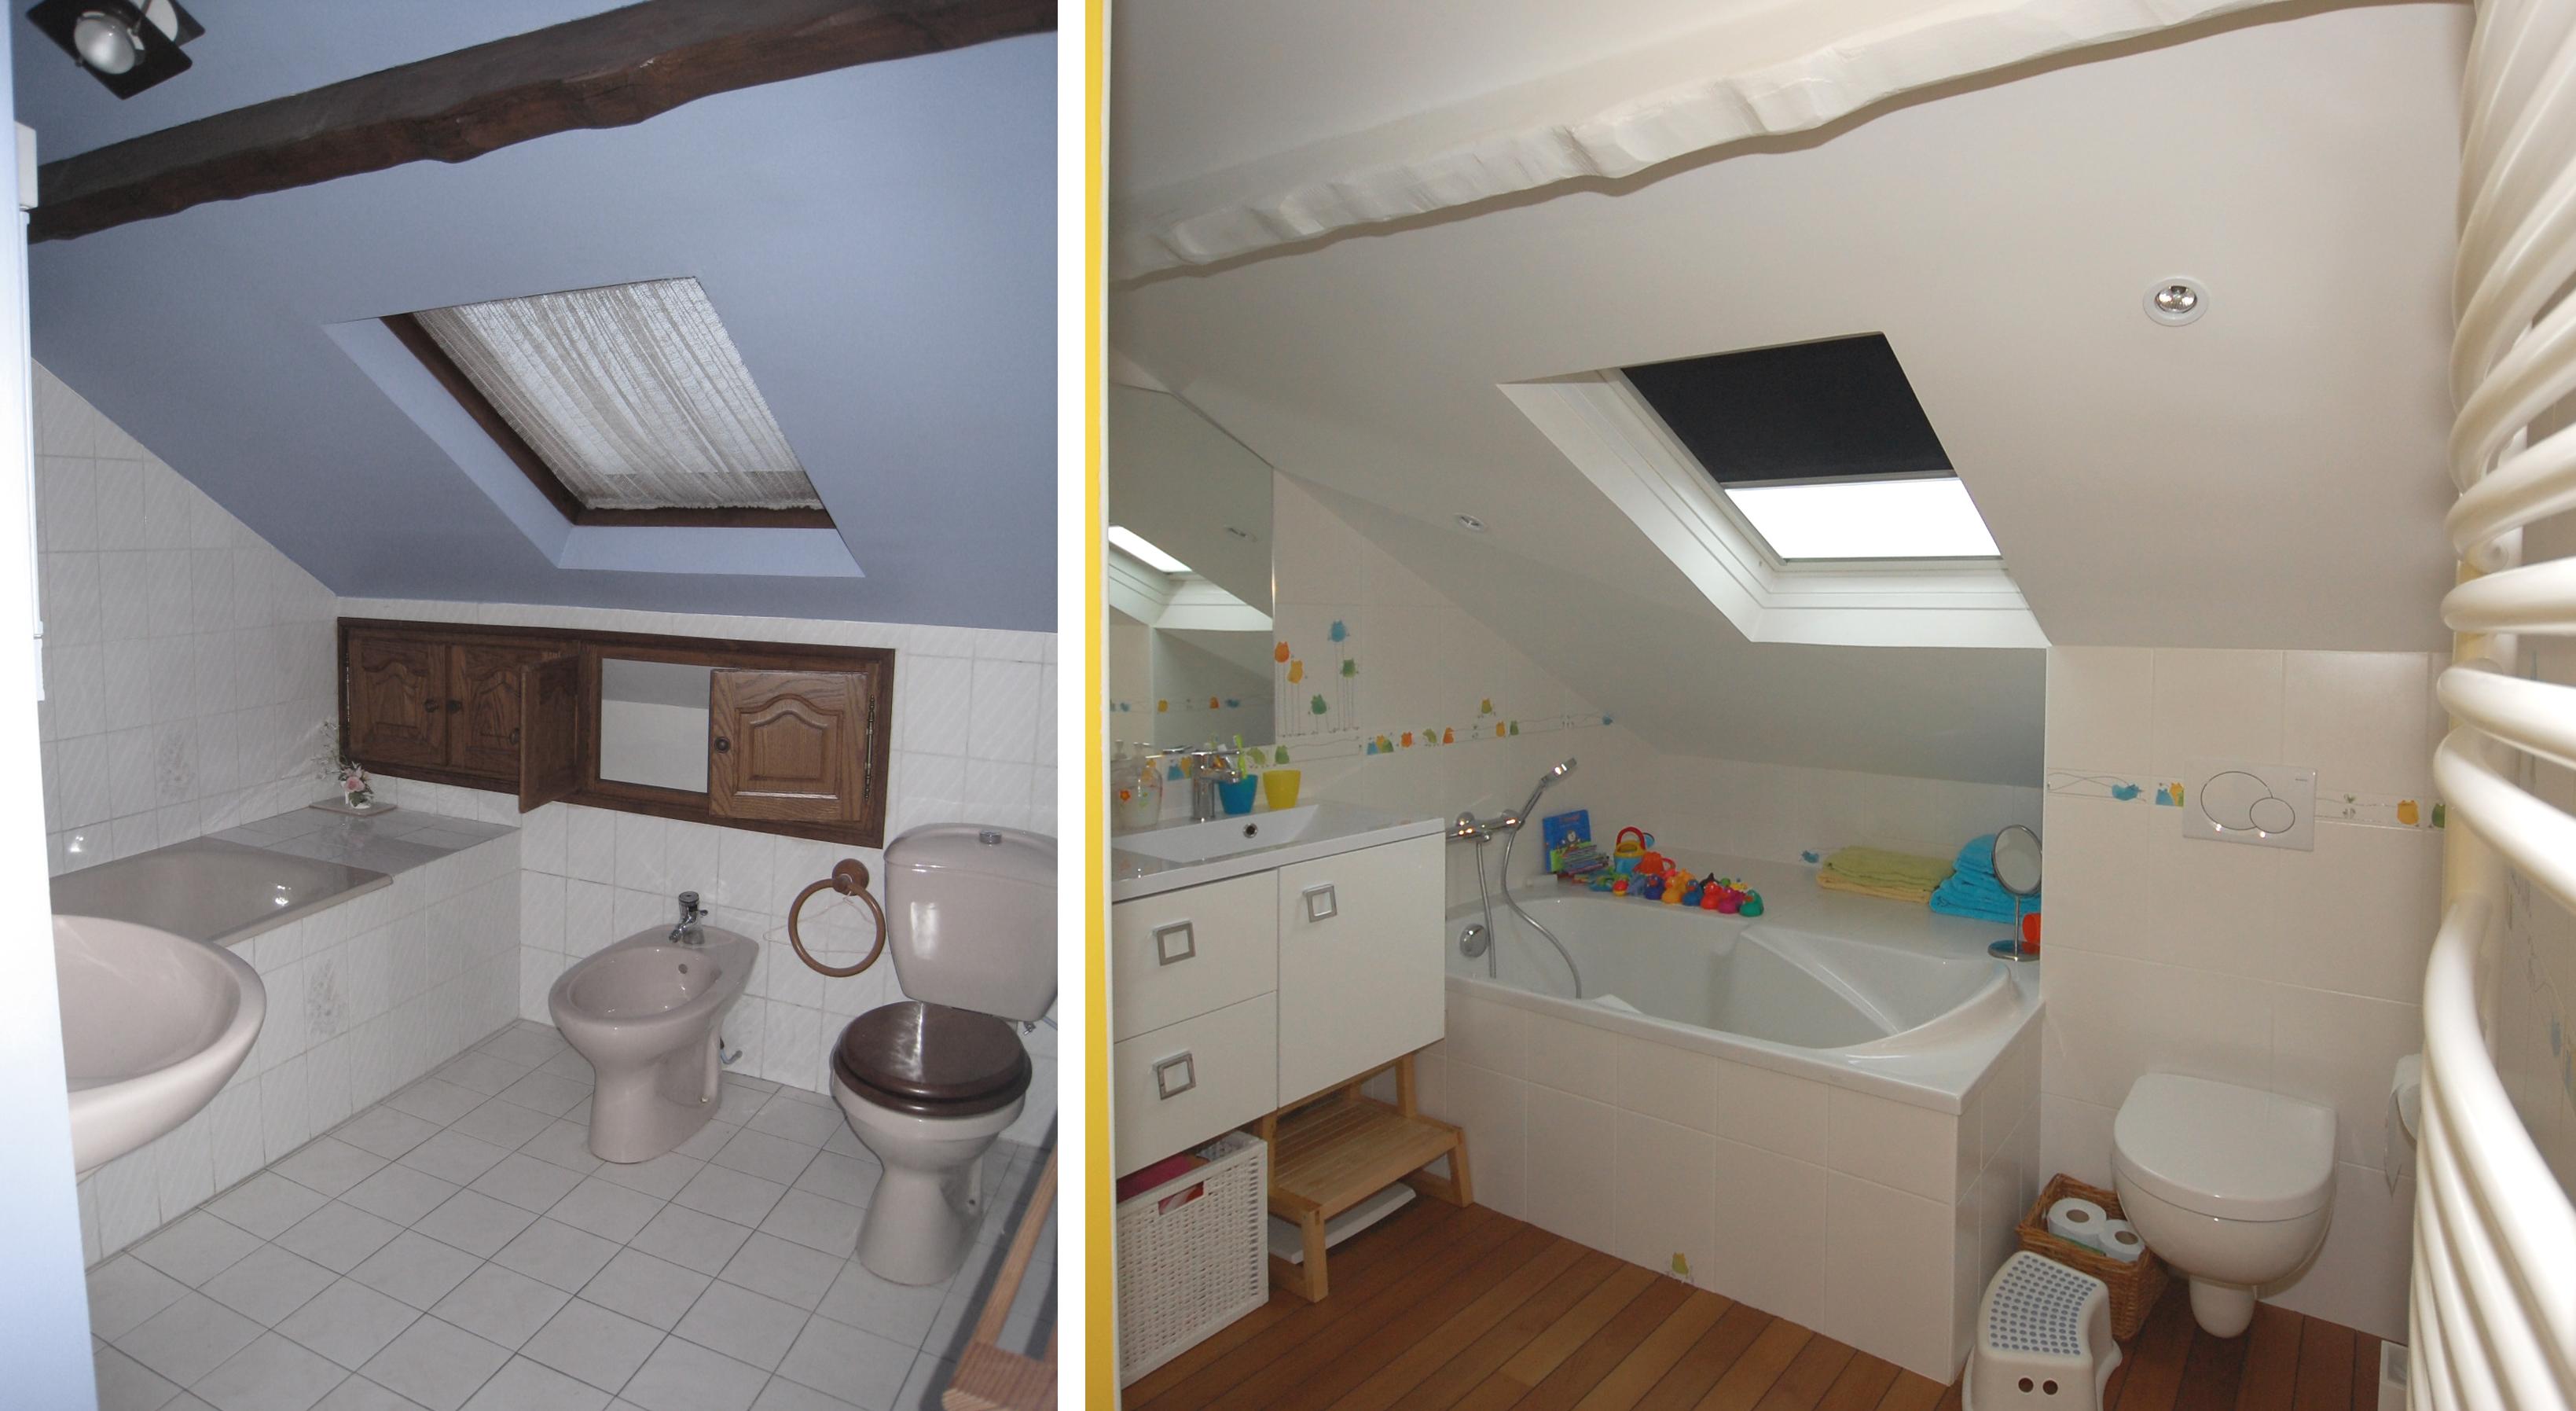 petite salle de bain sous comble avec wc solutions pour la d coration int rieure de votre maison. Black Bedroom Furniture Sets. Home Design Ideas